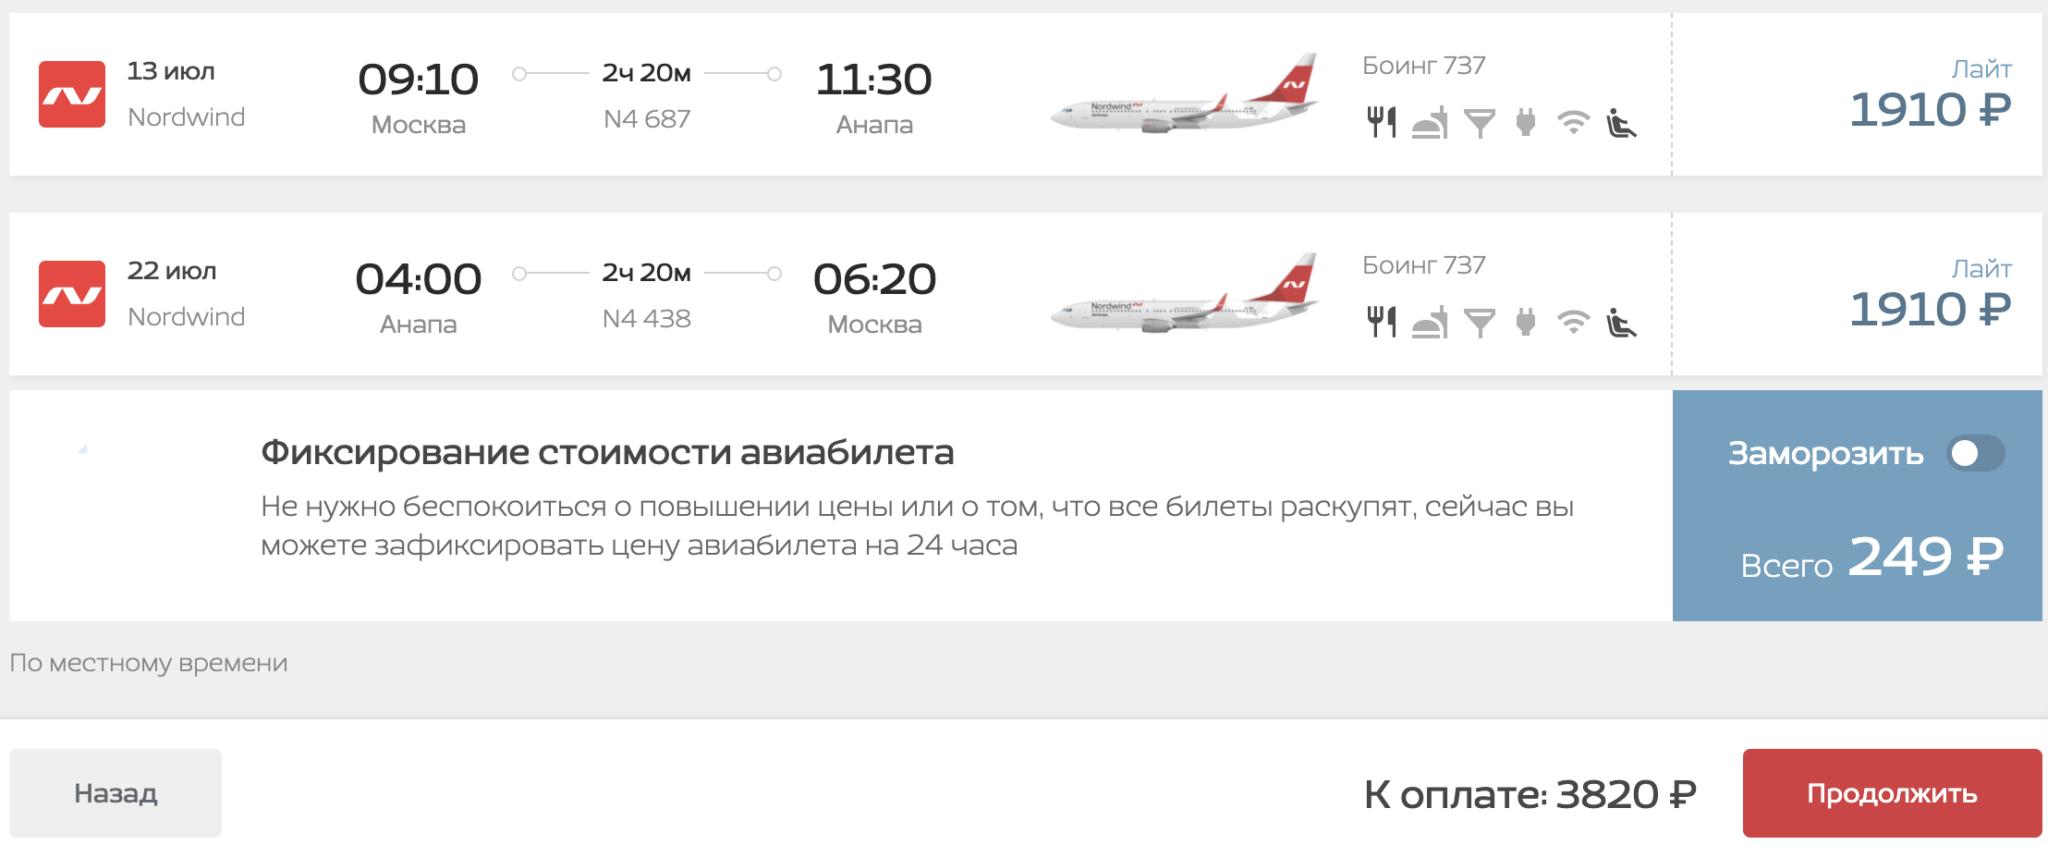 В разгар лета! Дешевые билеты в Анапу из Москвы за 3800₽ туда-обратно